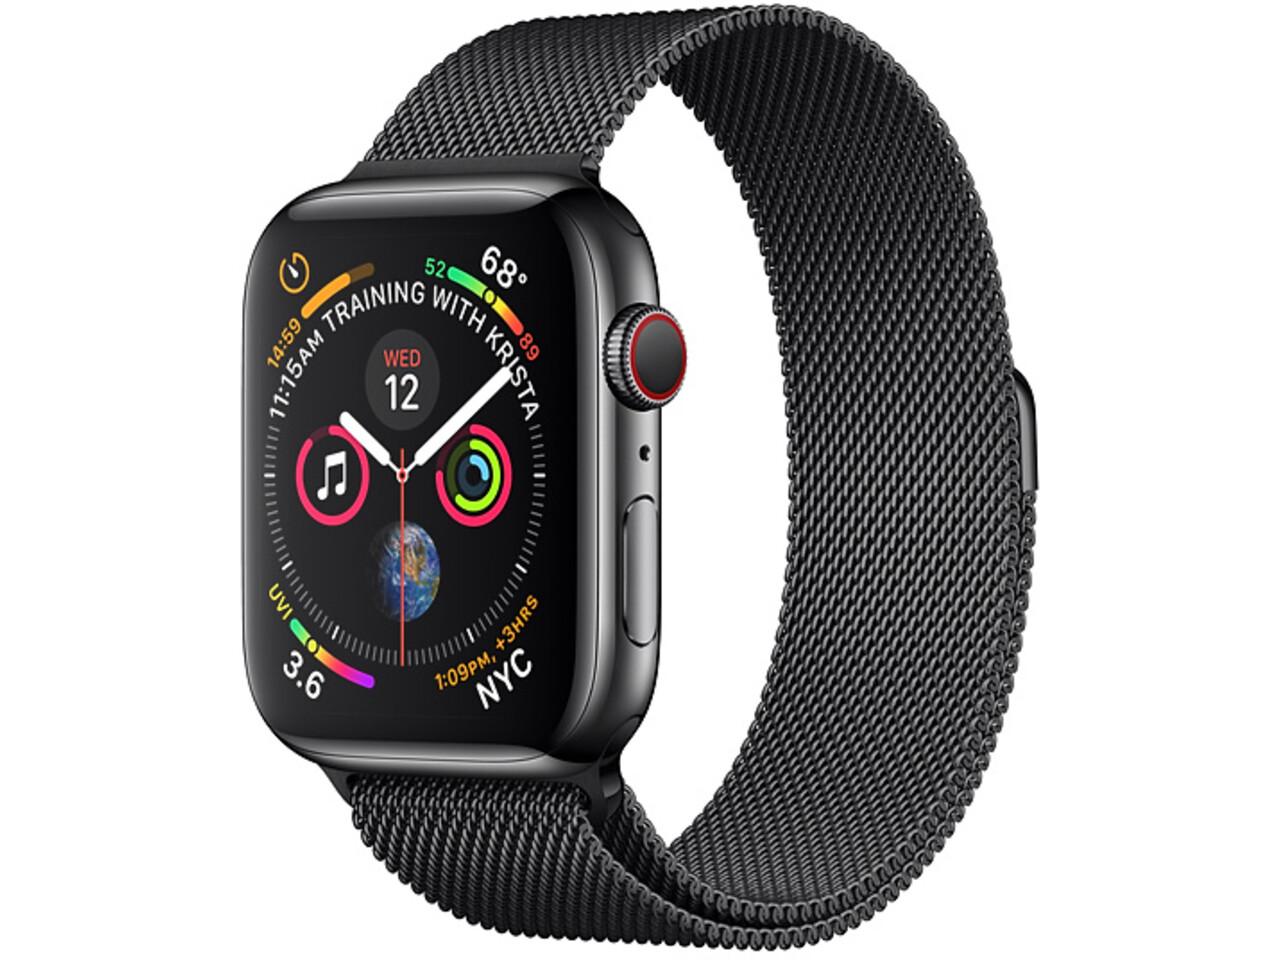 apple watch series 4 cellular 40mm space black stainless steel space black milanese loop